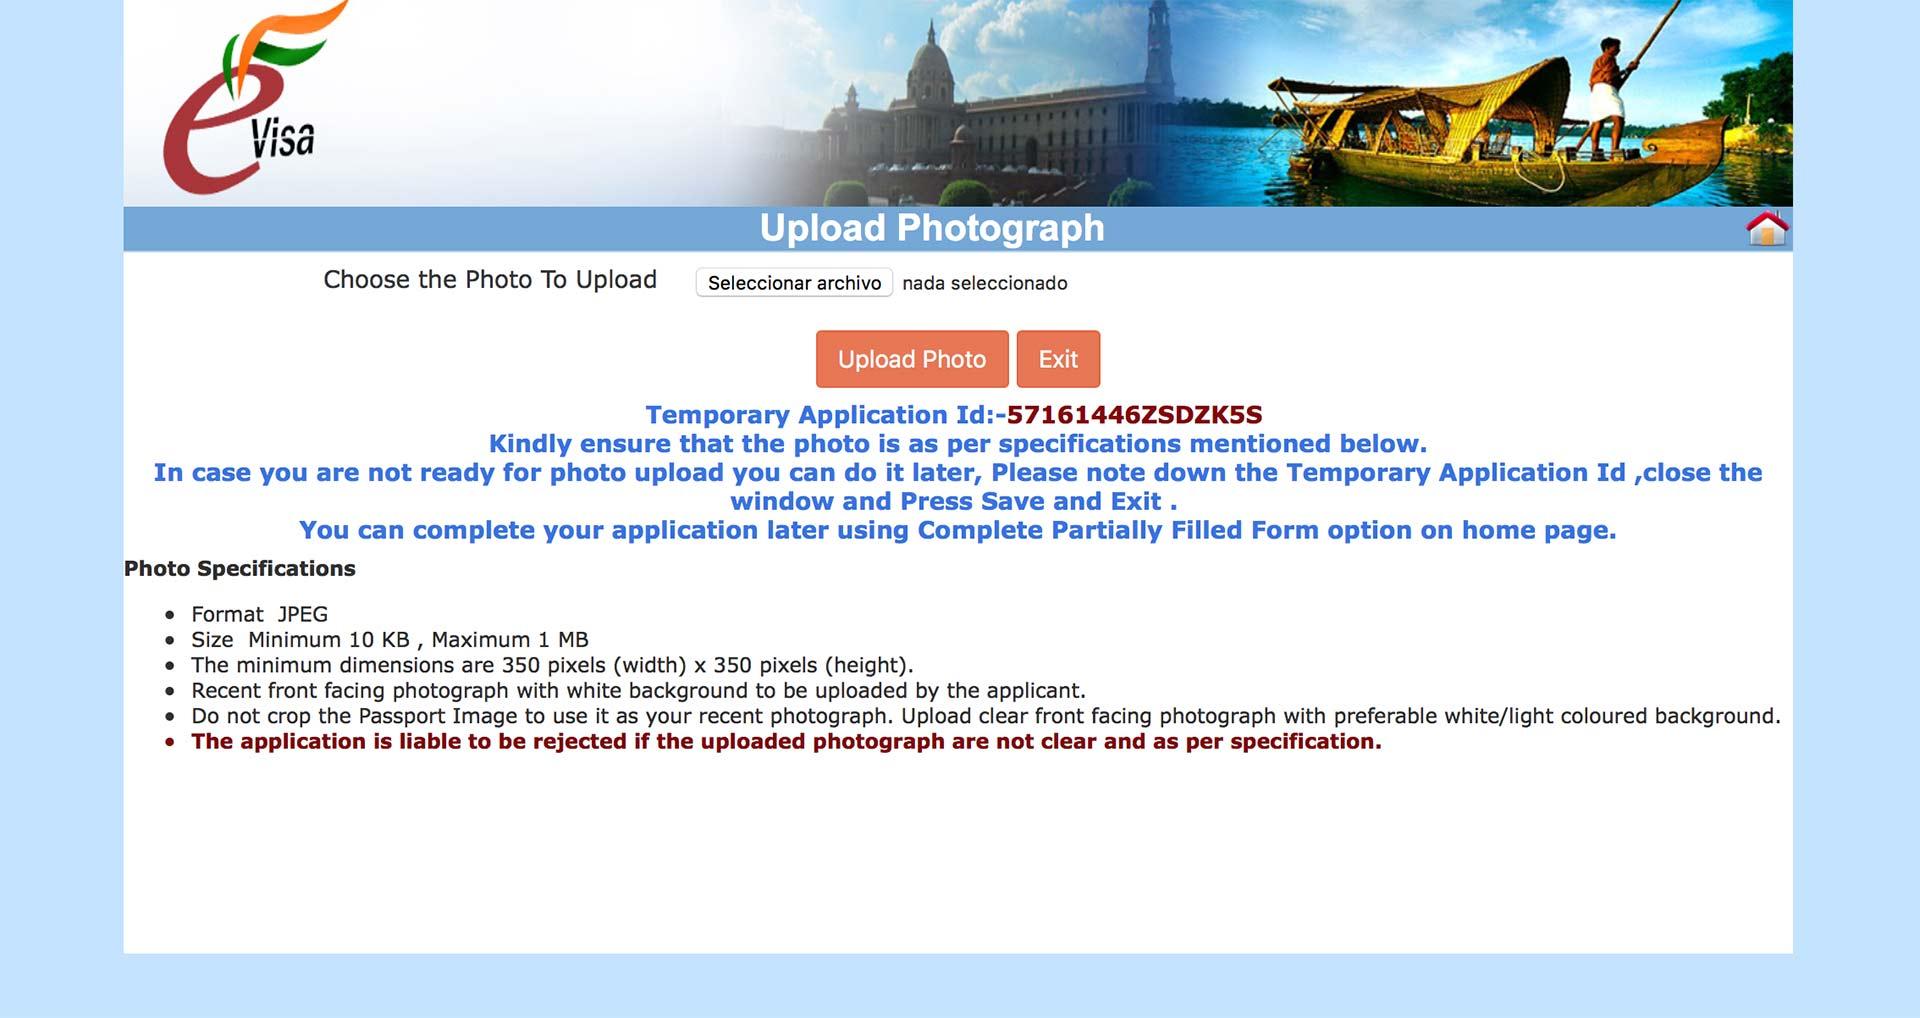 visado-online-india